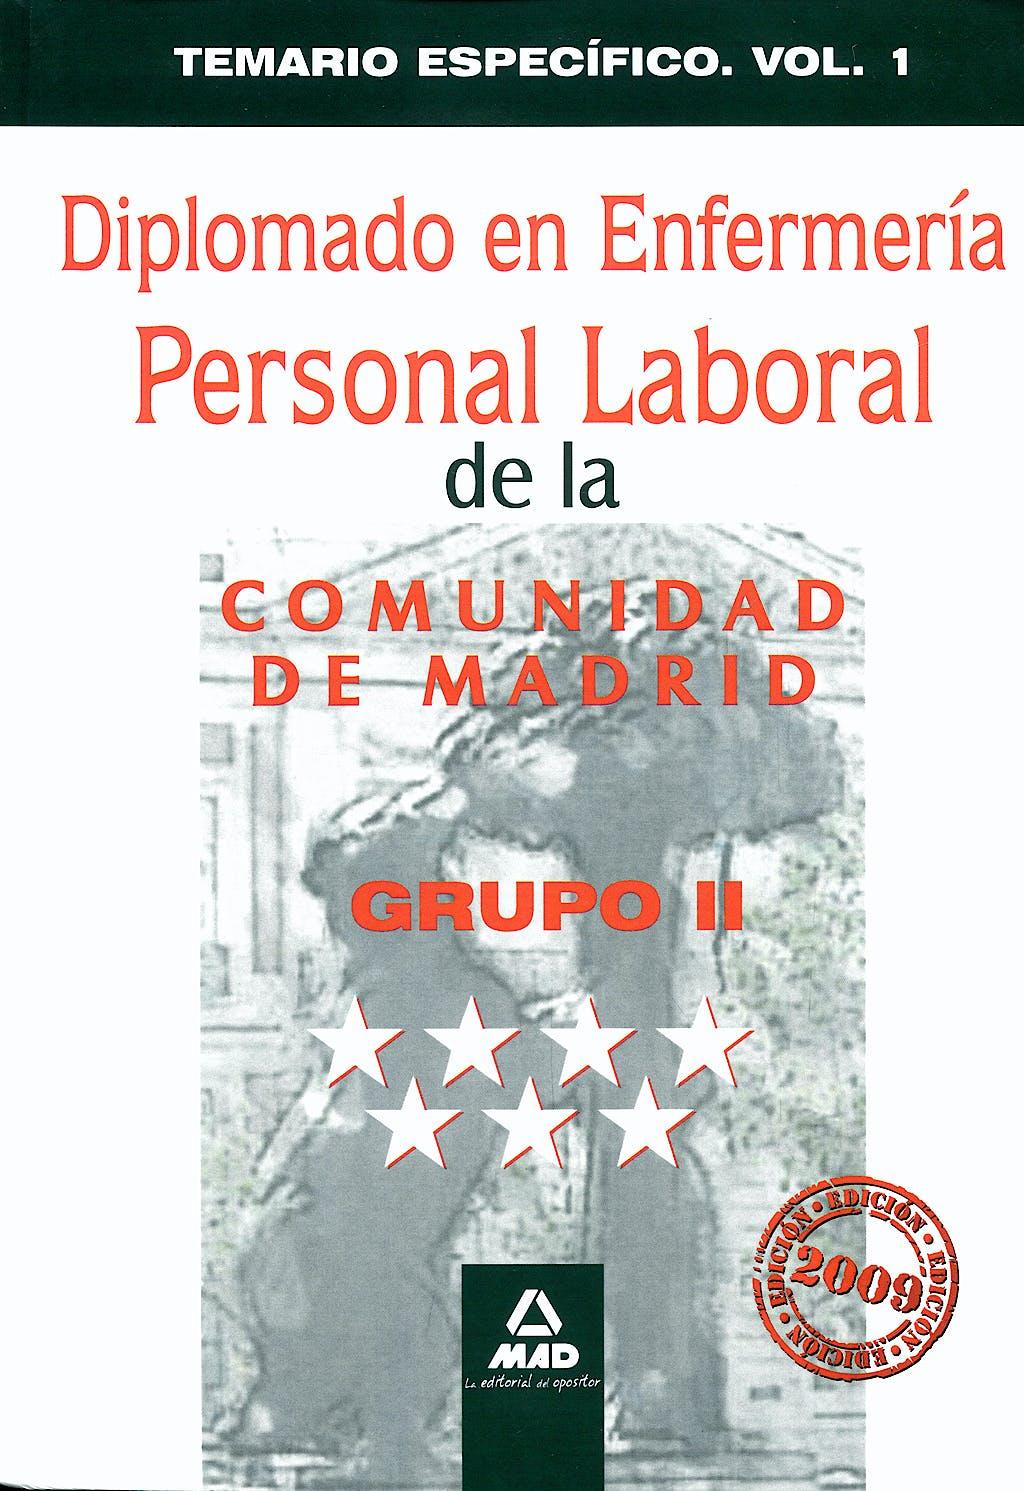 Portada del libro 9788467617832 Diplomado en Enfermeria. Grupo Ii. Personal Laboral de la Comunidad de Madrid. Temario Especifico. Vol 1